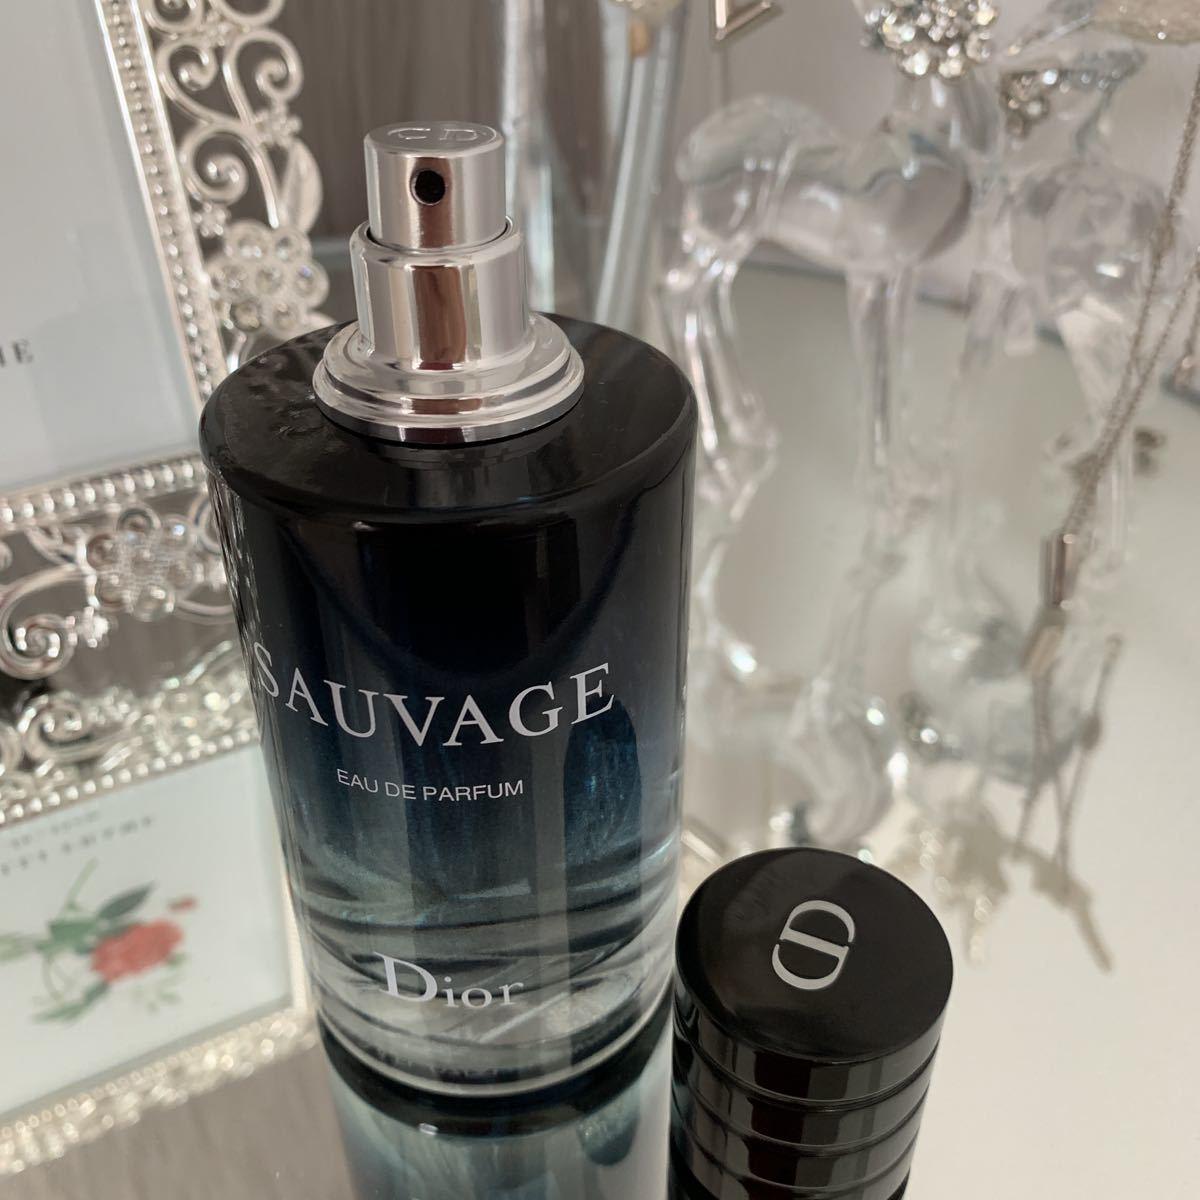 Dior ソバージュ オードパルファム 100ml ディオール メンズ 香水 ②